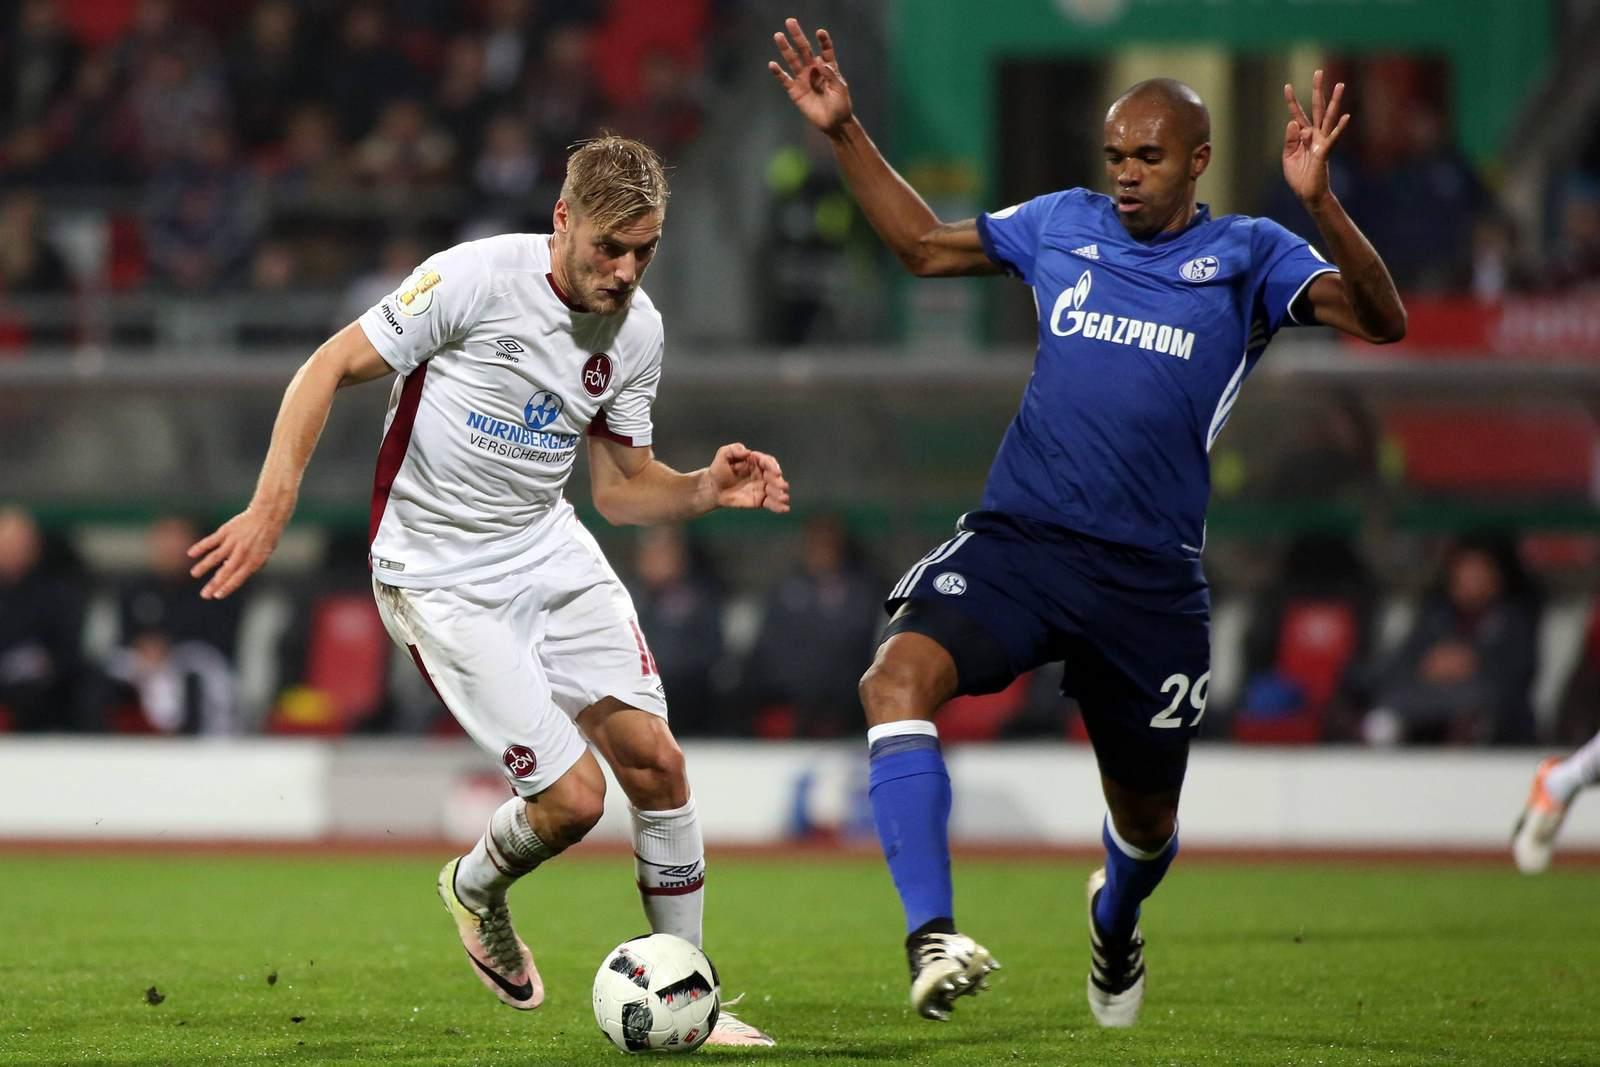 Hanno Behrens im Duelle mit Naldo. Jetzt auf die Partie Schalke gegen Nürnberg wetten